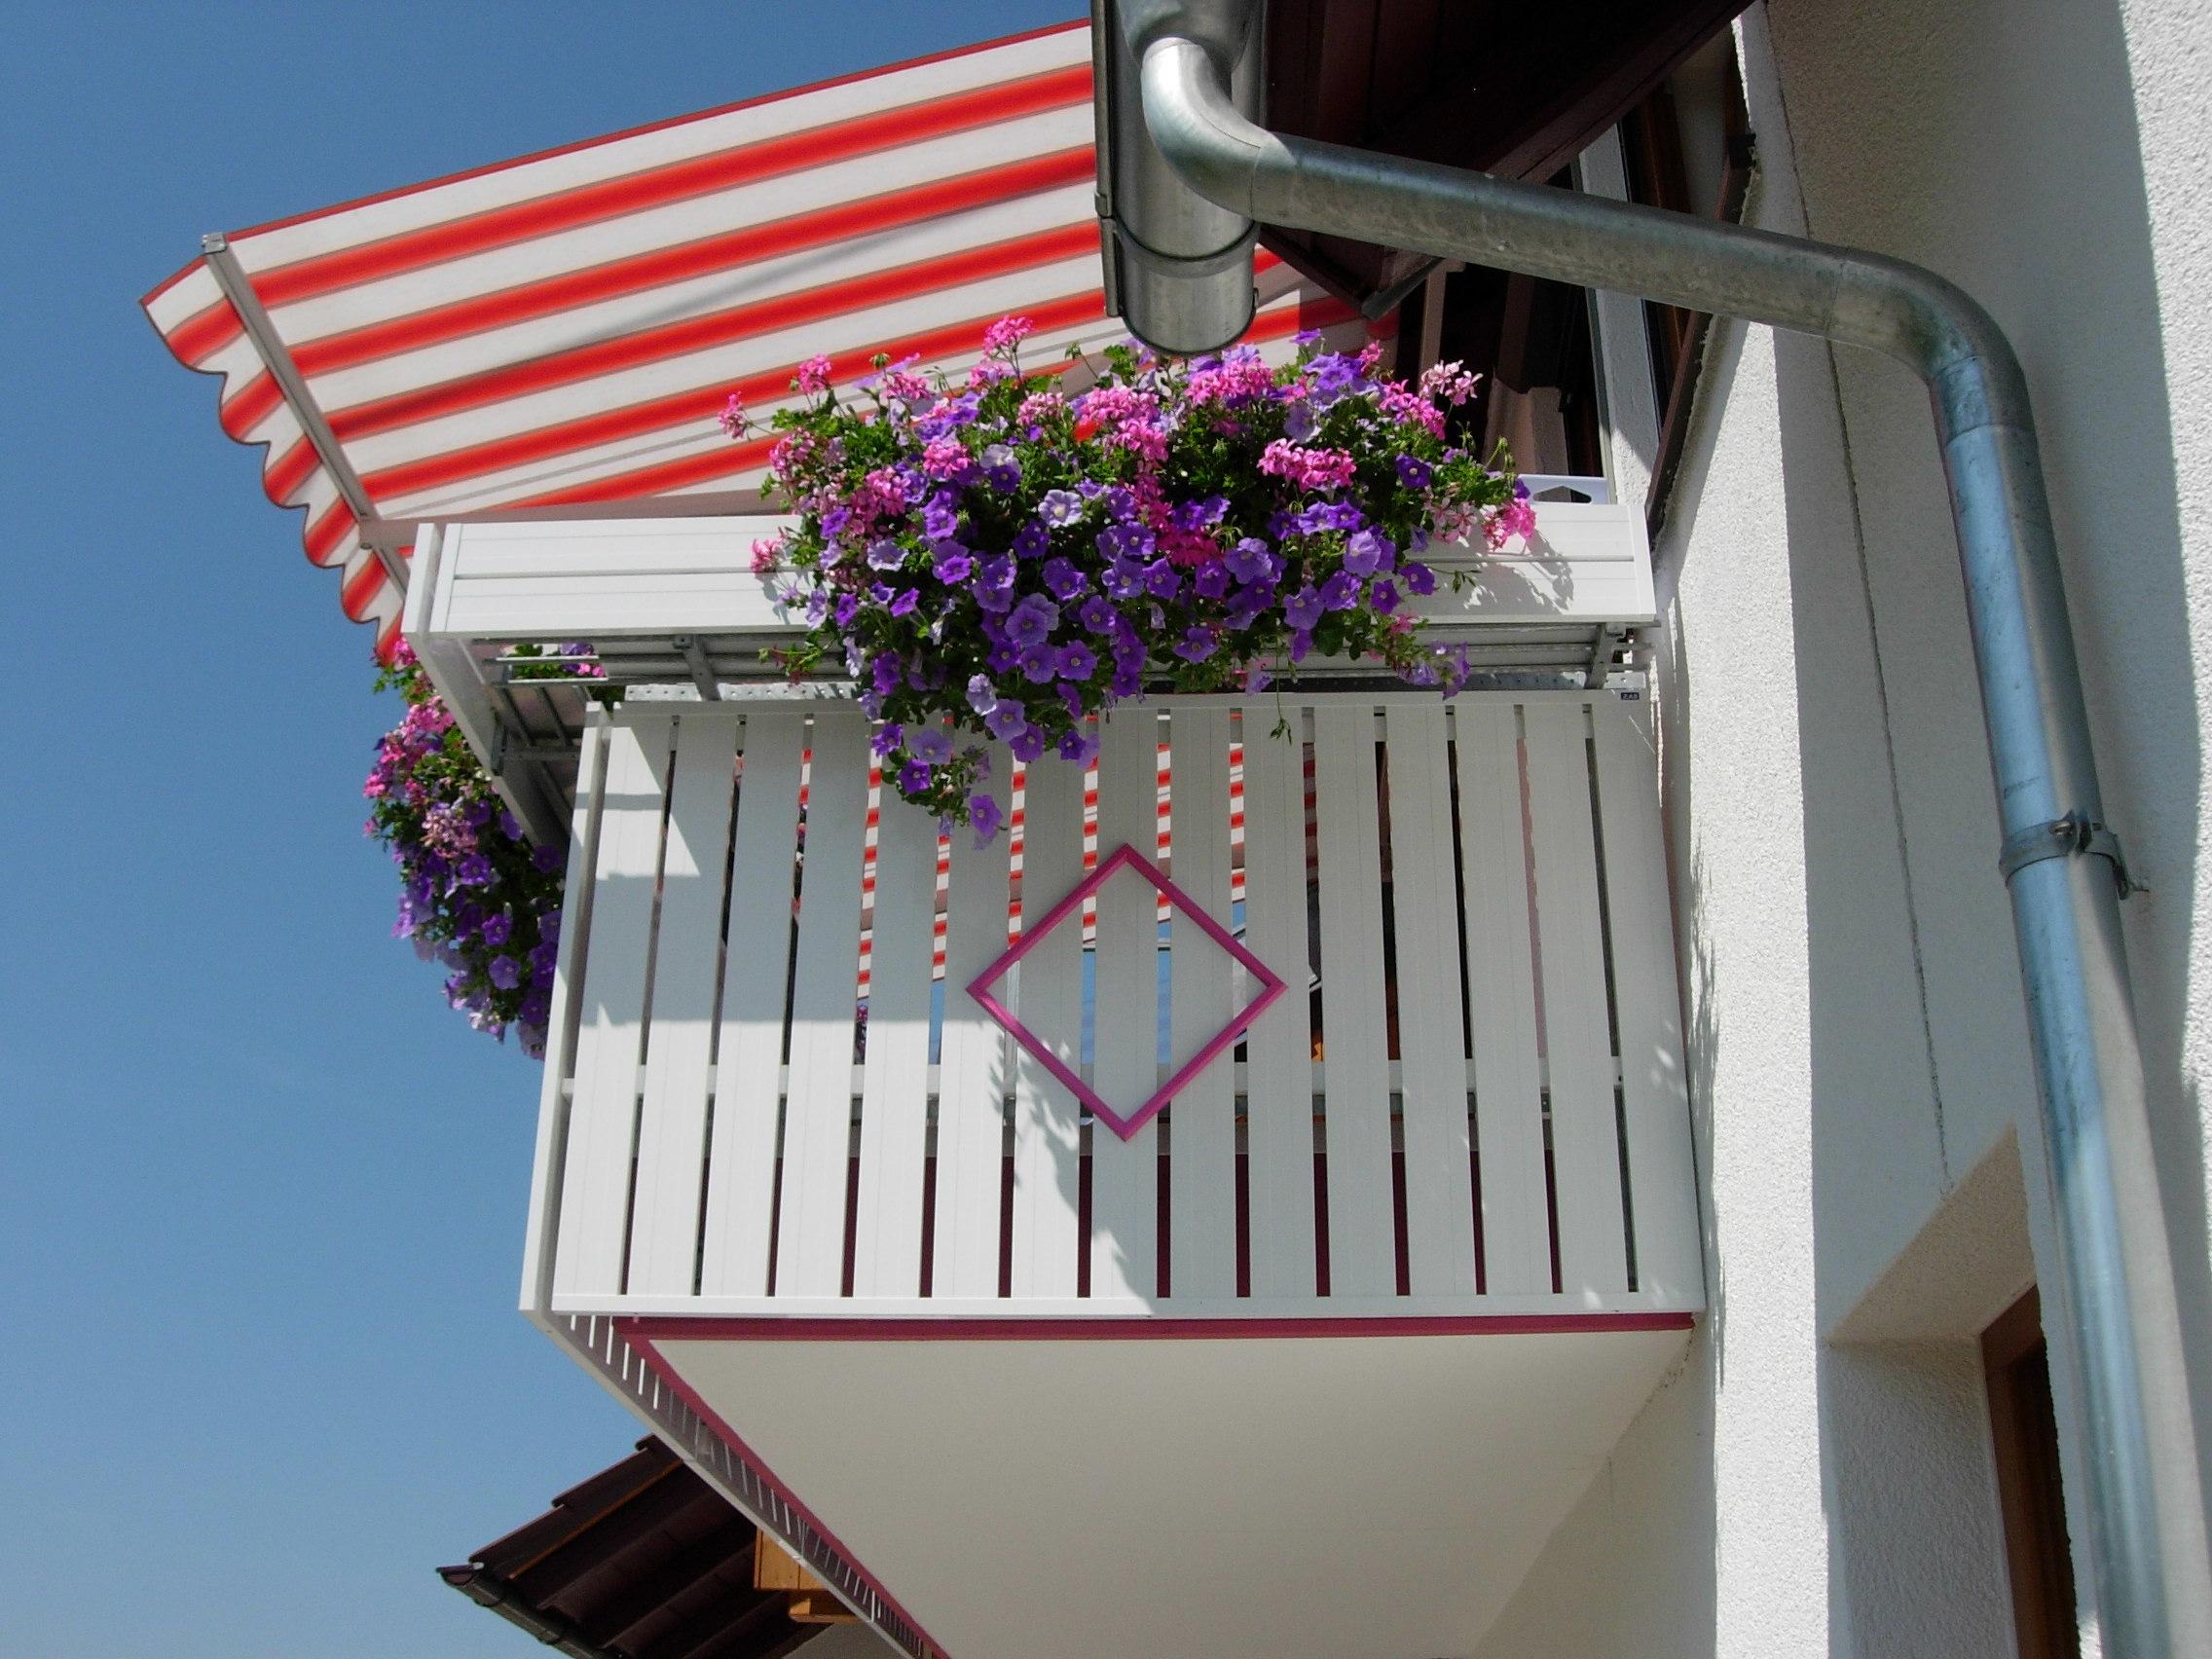 Seitenansicht: Blumenblende, ZAS-Balkonelement IDEA mit einer farbigen Raute.